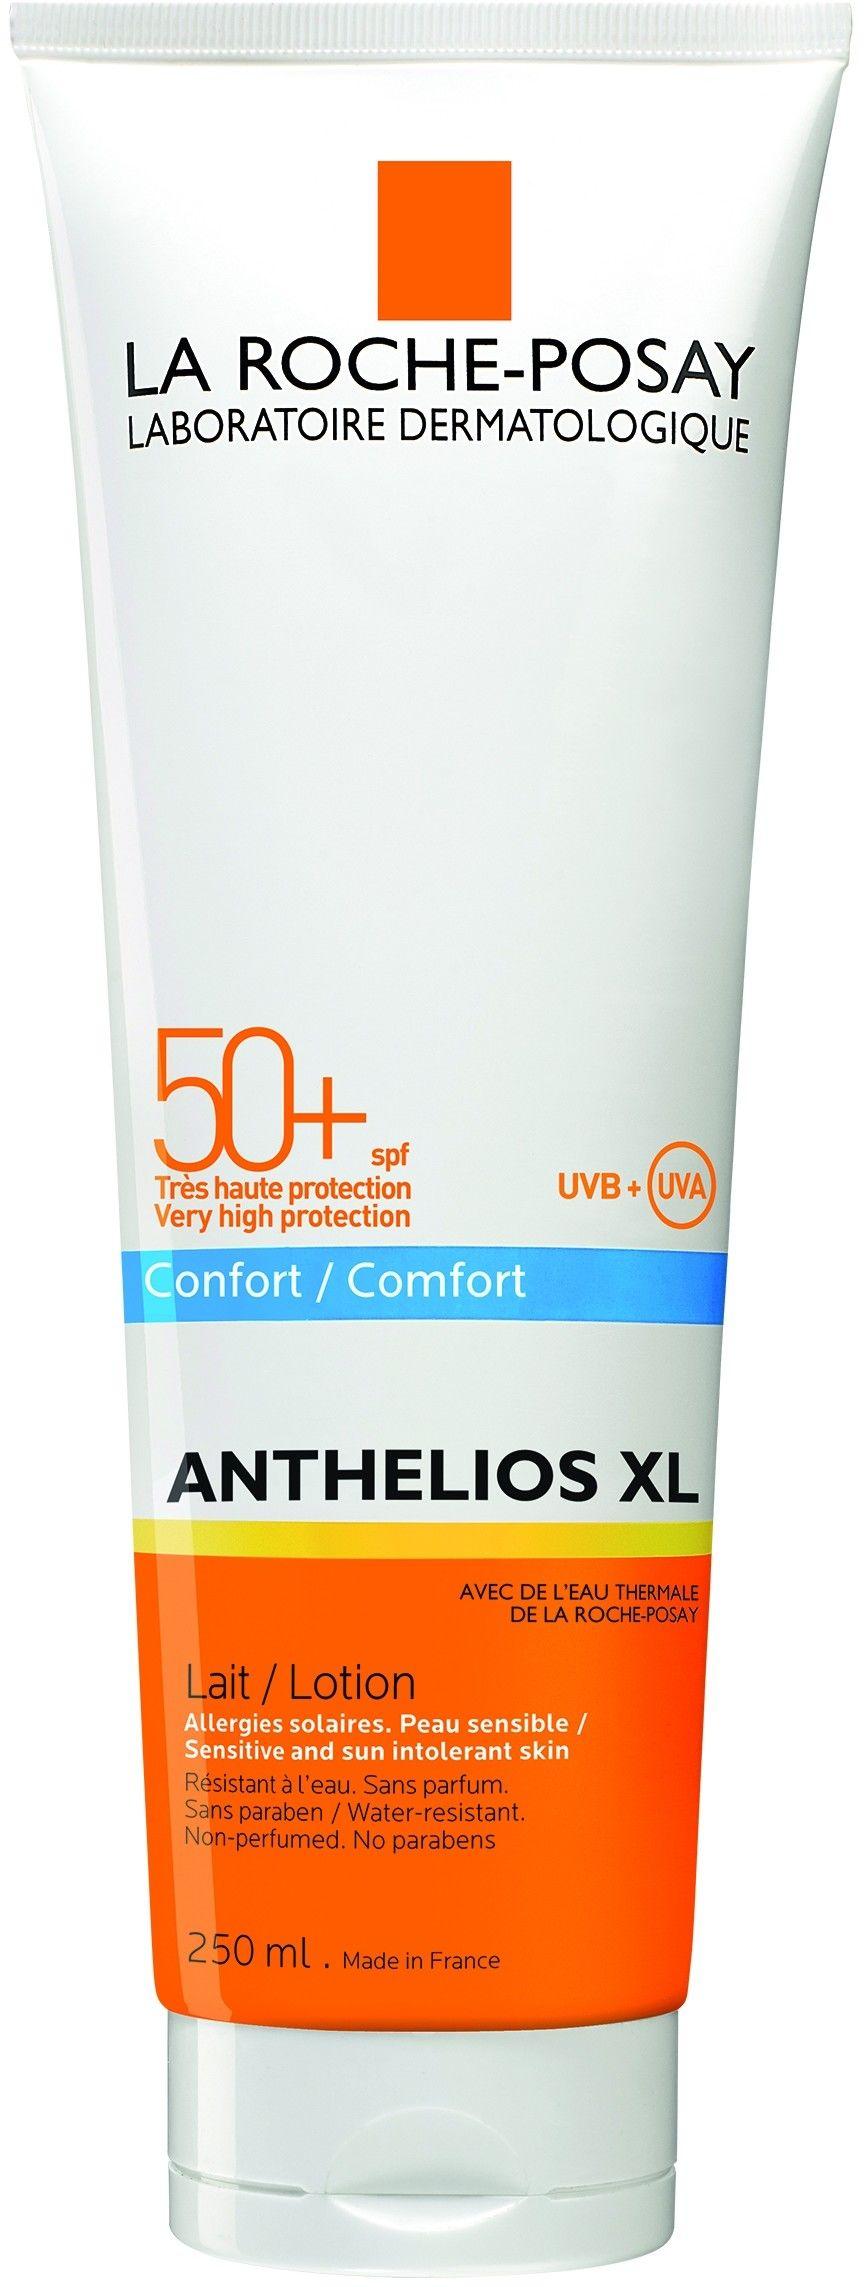 La Roche-Posay Anthelios XL mleczko familijne SPF 50+ 250 ml